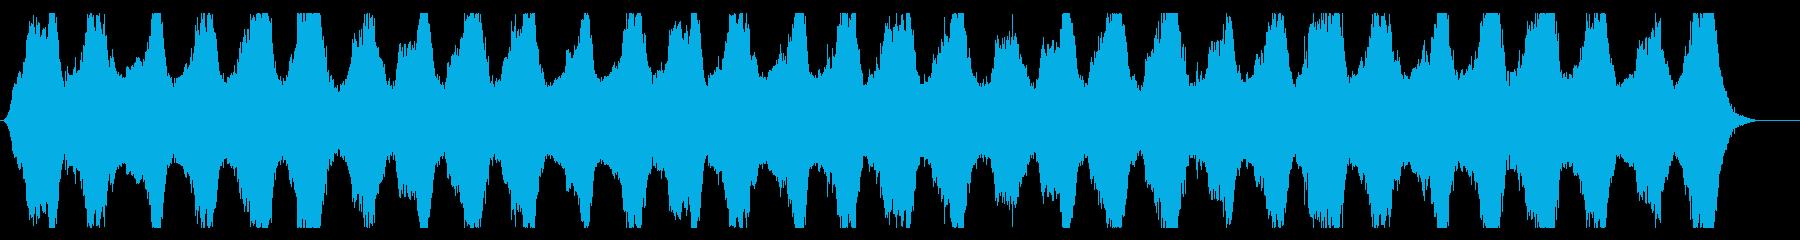 うめき声の入った不気味なBGMの再生済みの波形